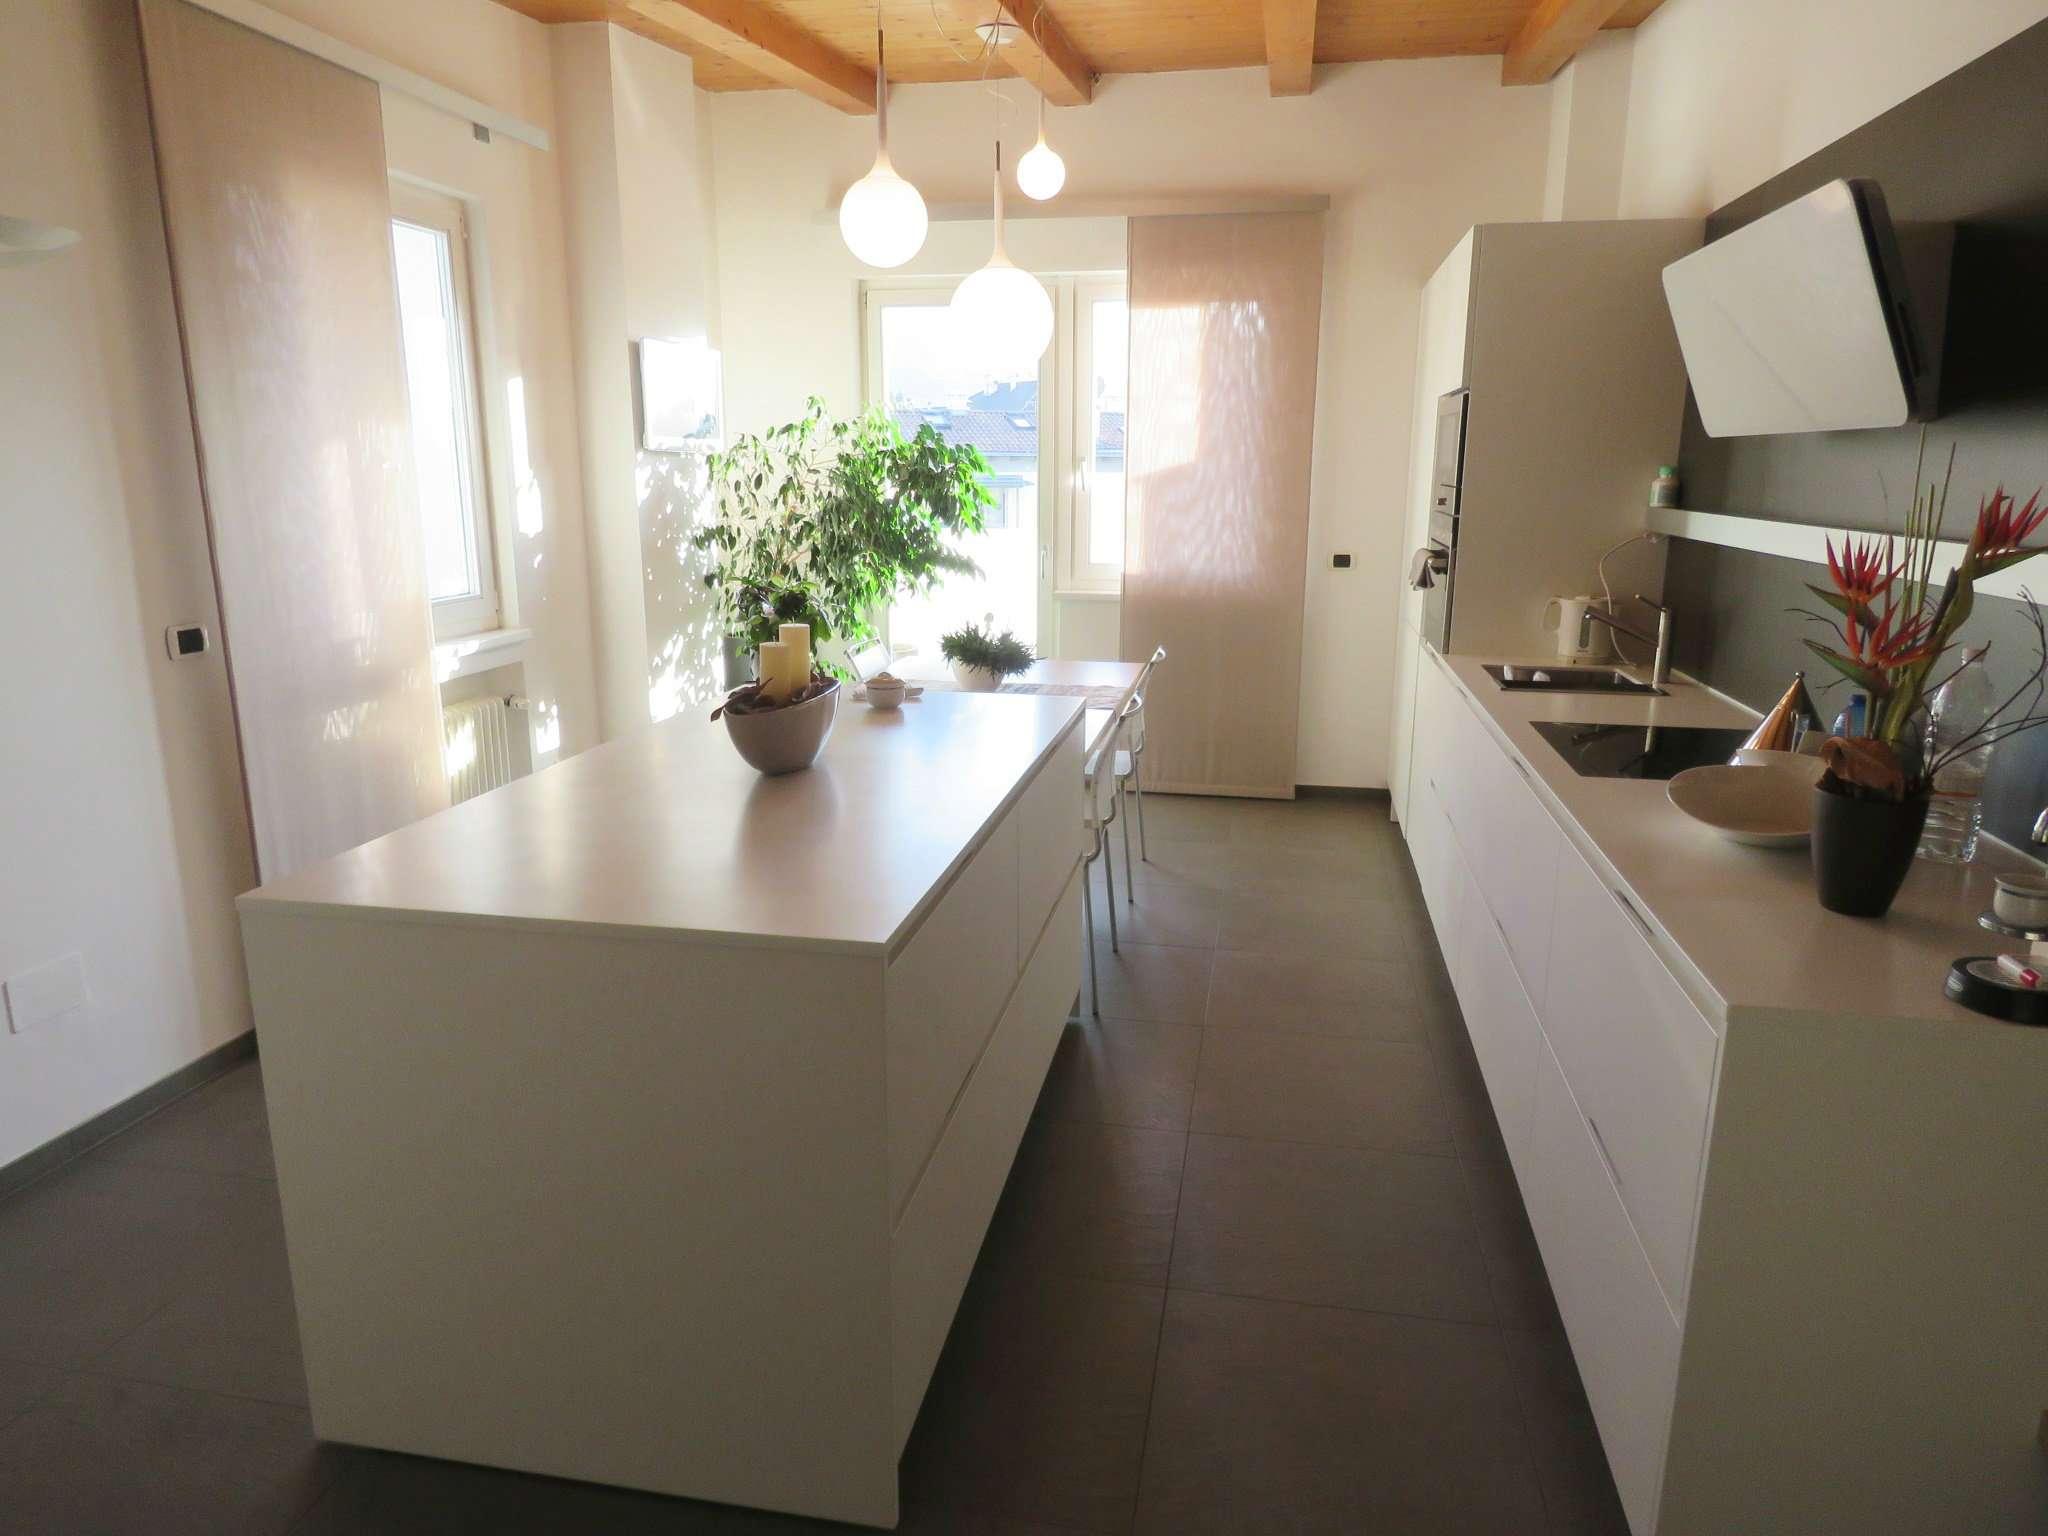 Attico / Mansarda in vendita a Ora, 3 locali, prezzo € 380.000 | Cambio Casa.it